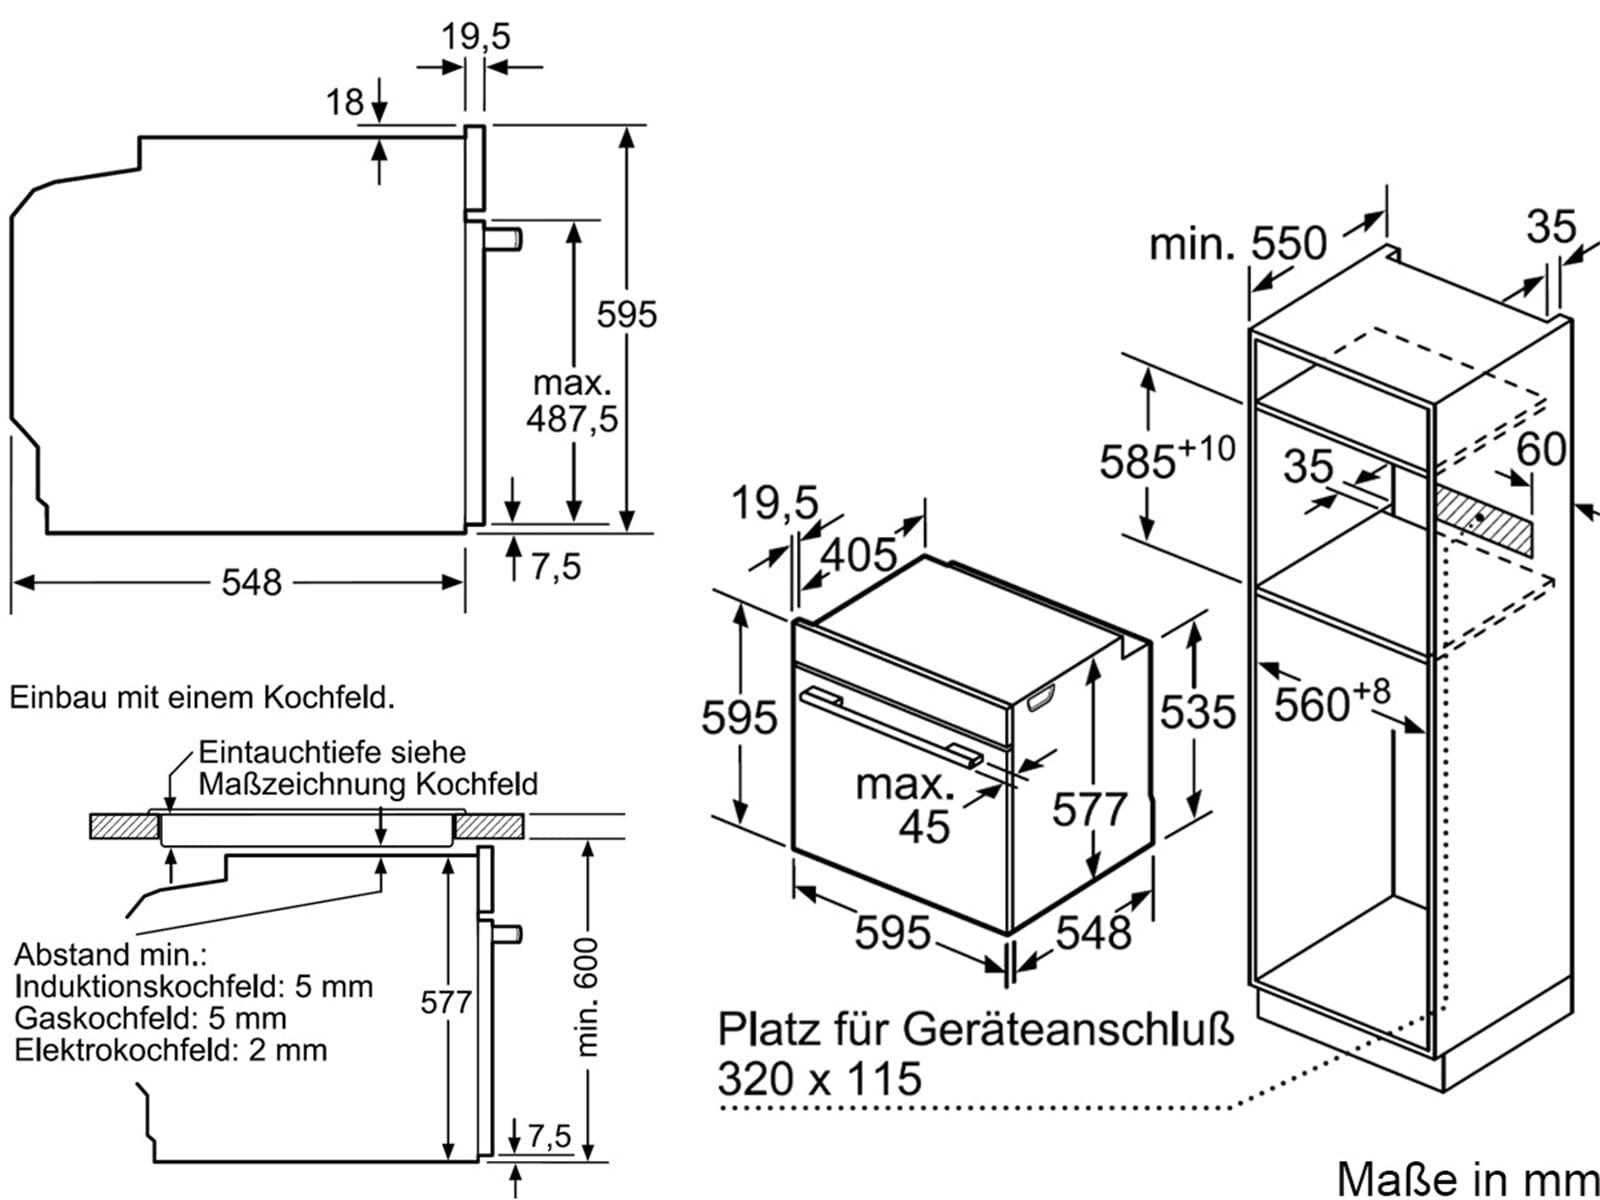 Bosch HMG6764W1 Pyrolyse Backofen mit Mikrowelle Polar weiß